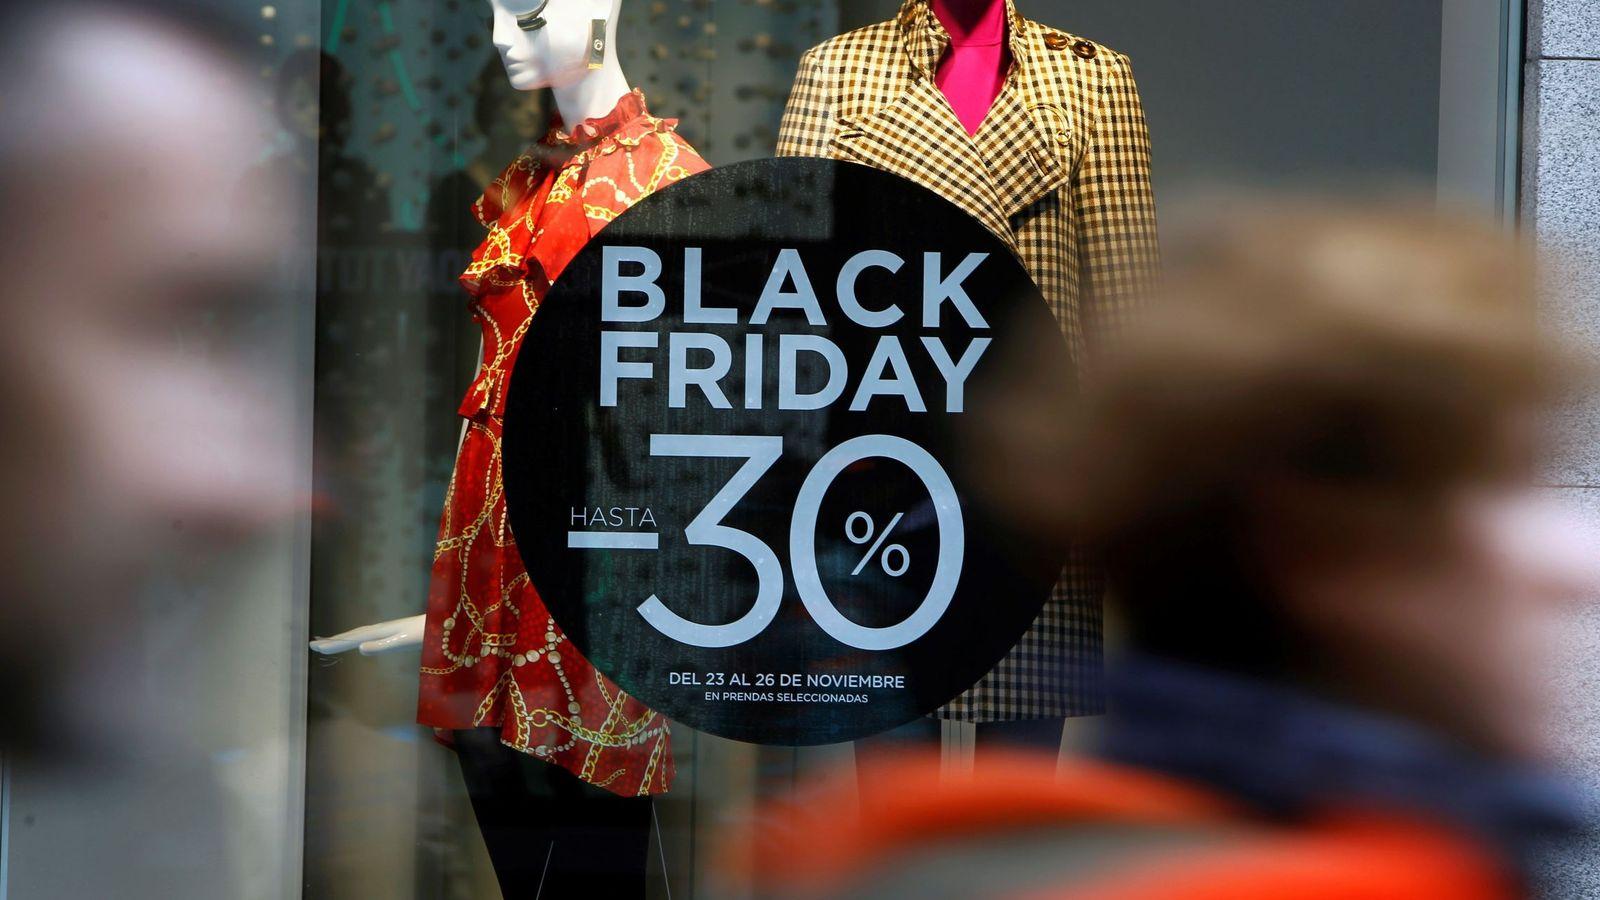 ed109b0d6f Black Friday en Zara